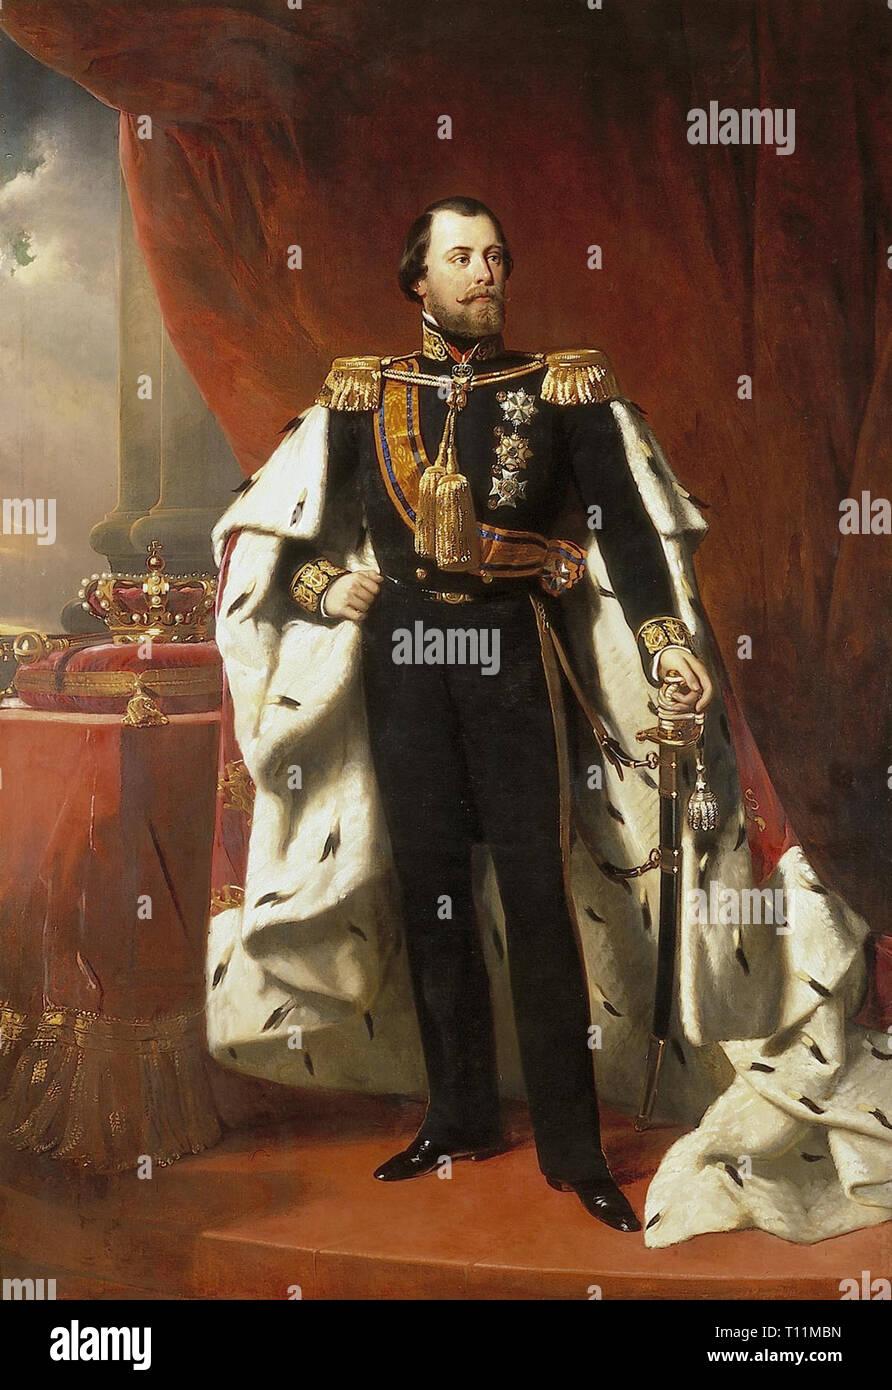 Retrato del Rey Guillermo III de los Países Bajos, Nicolaas Pieneman (1856) Imagen De Stock